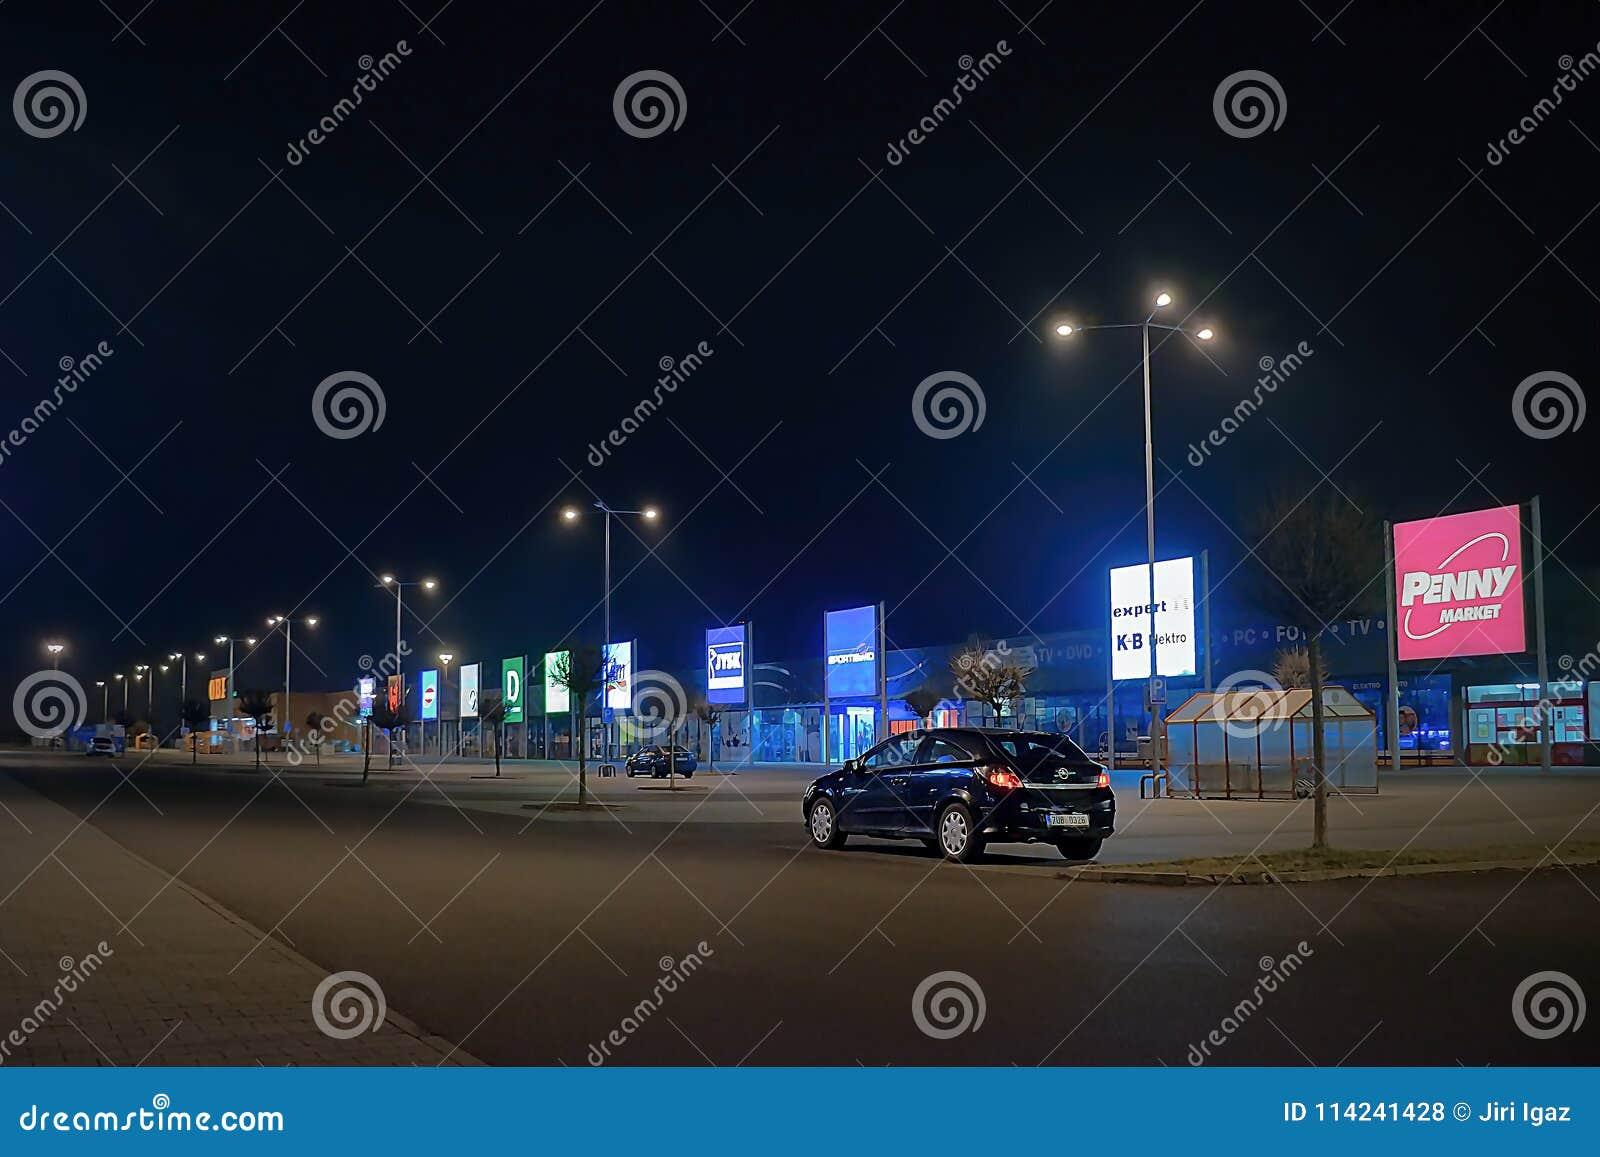 Usti nad Labem, República Checa - 24 de marzo de 2018: coche negro Opel Astra en estacionamiento vacío delante de tiendas en parq